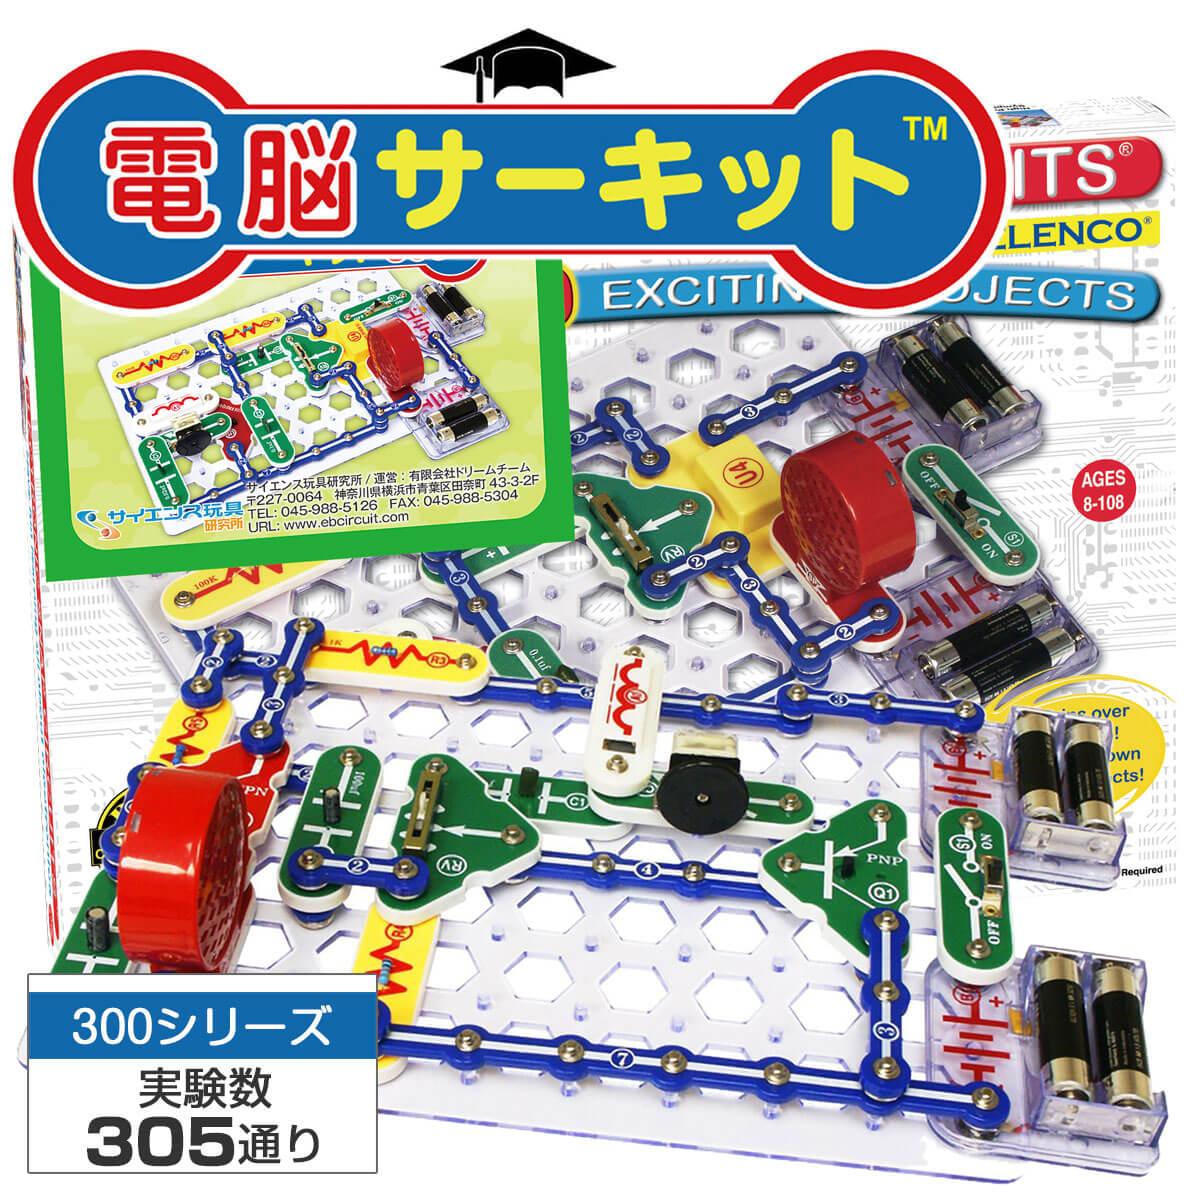 電脳サーキット300